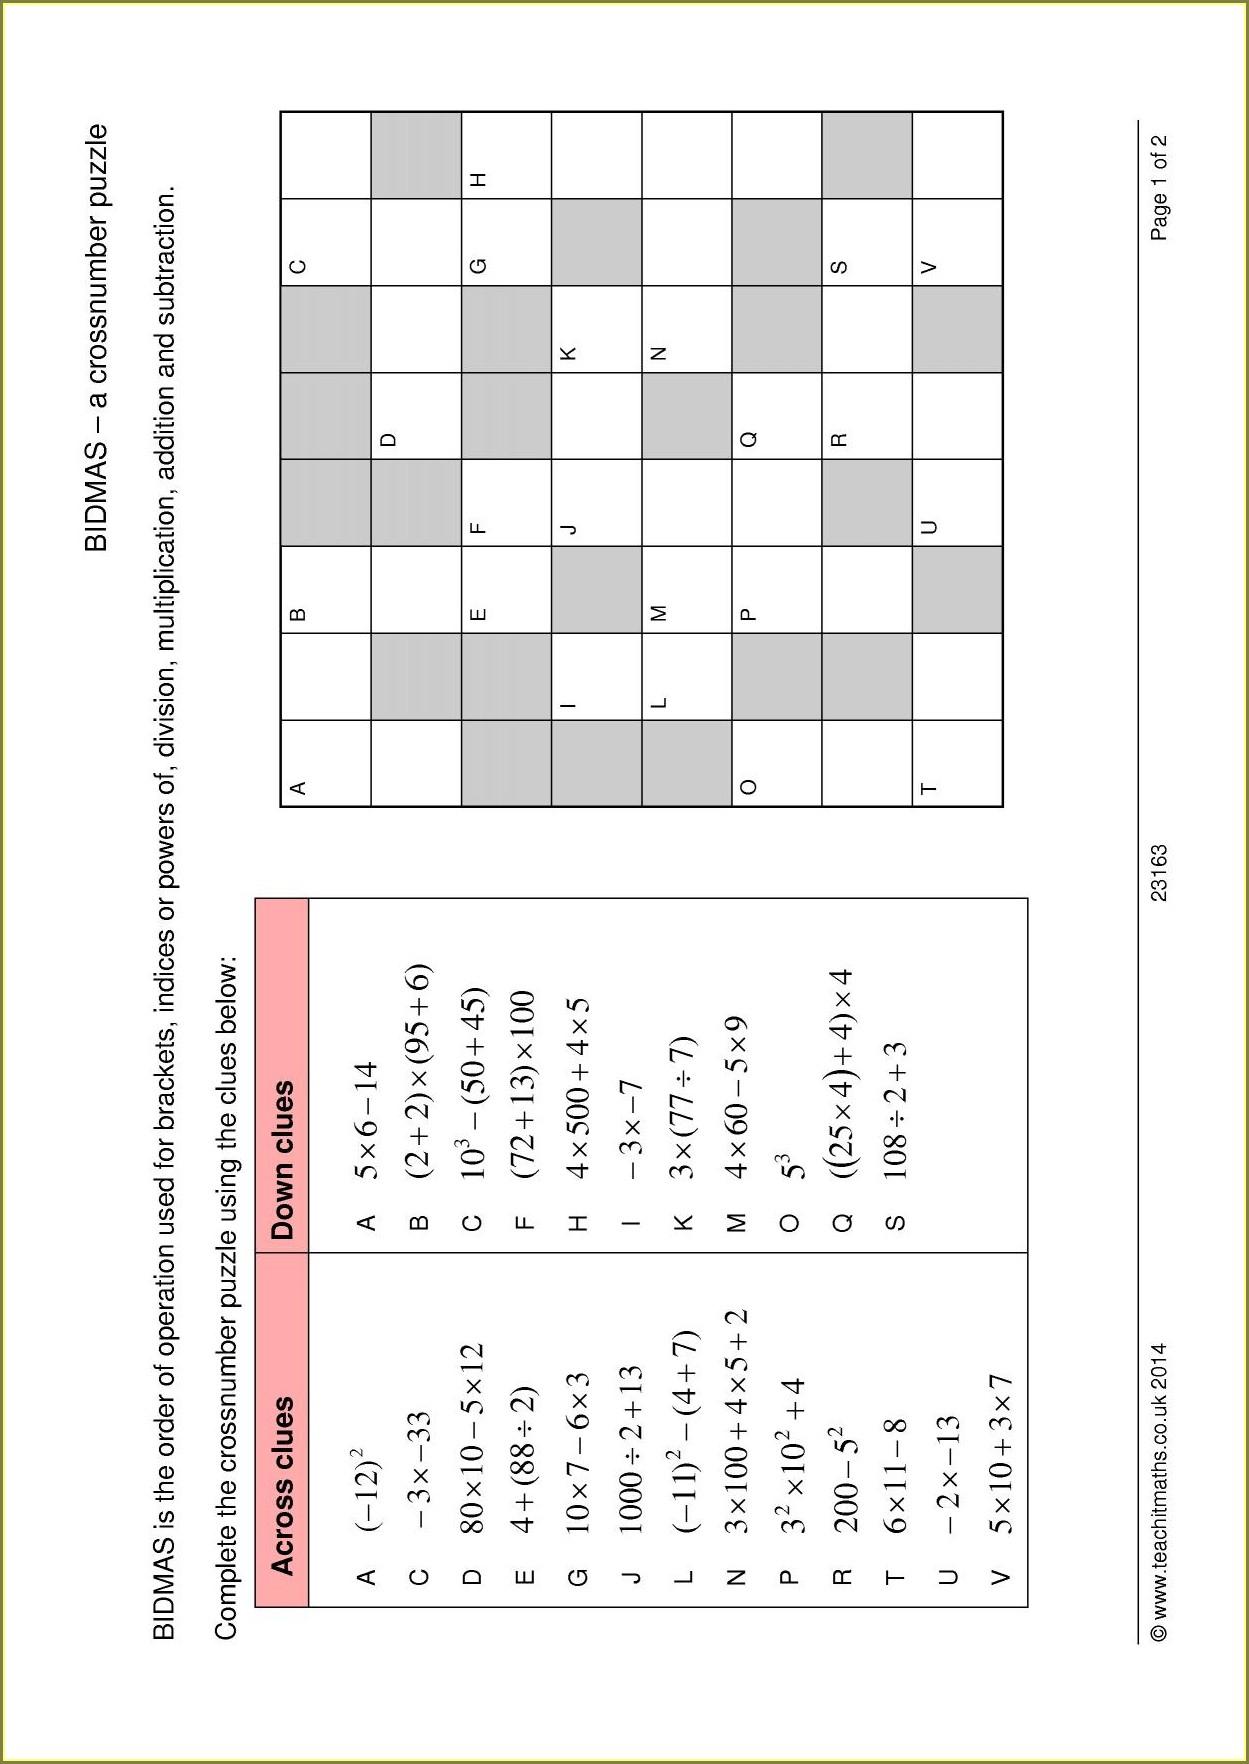 Negative Numbers Including Bidmas Worksheet